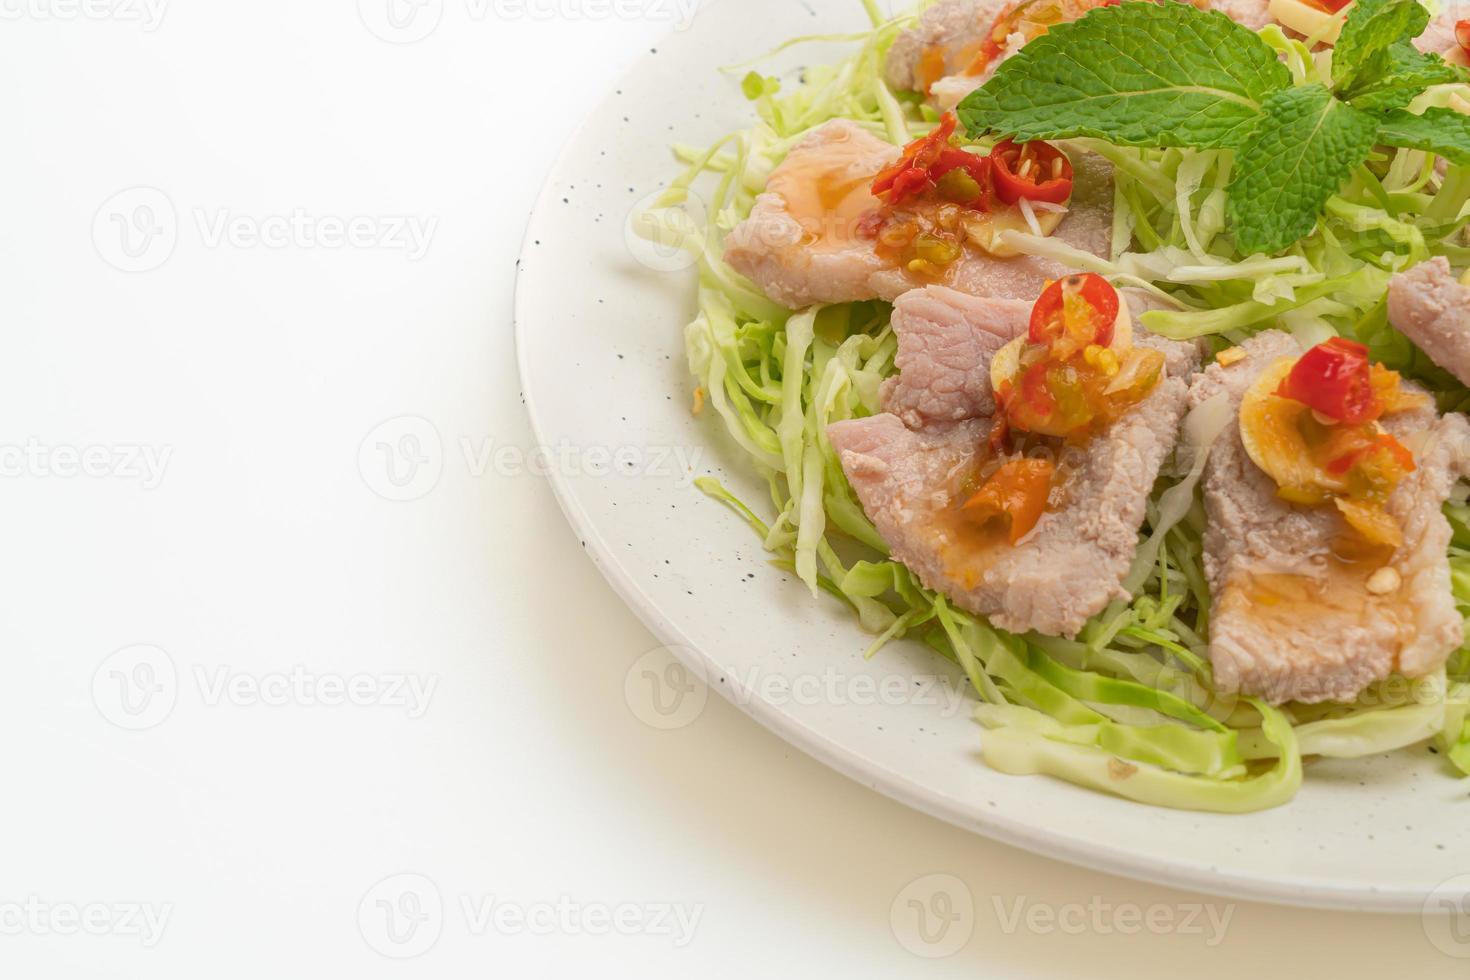 porc bouilli avec citron vert, ail et sauce chili photo